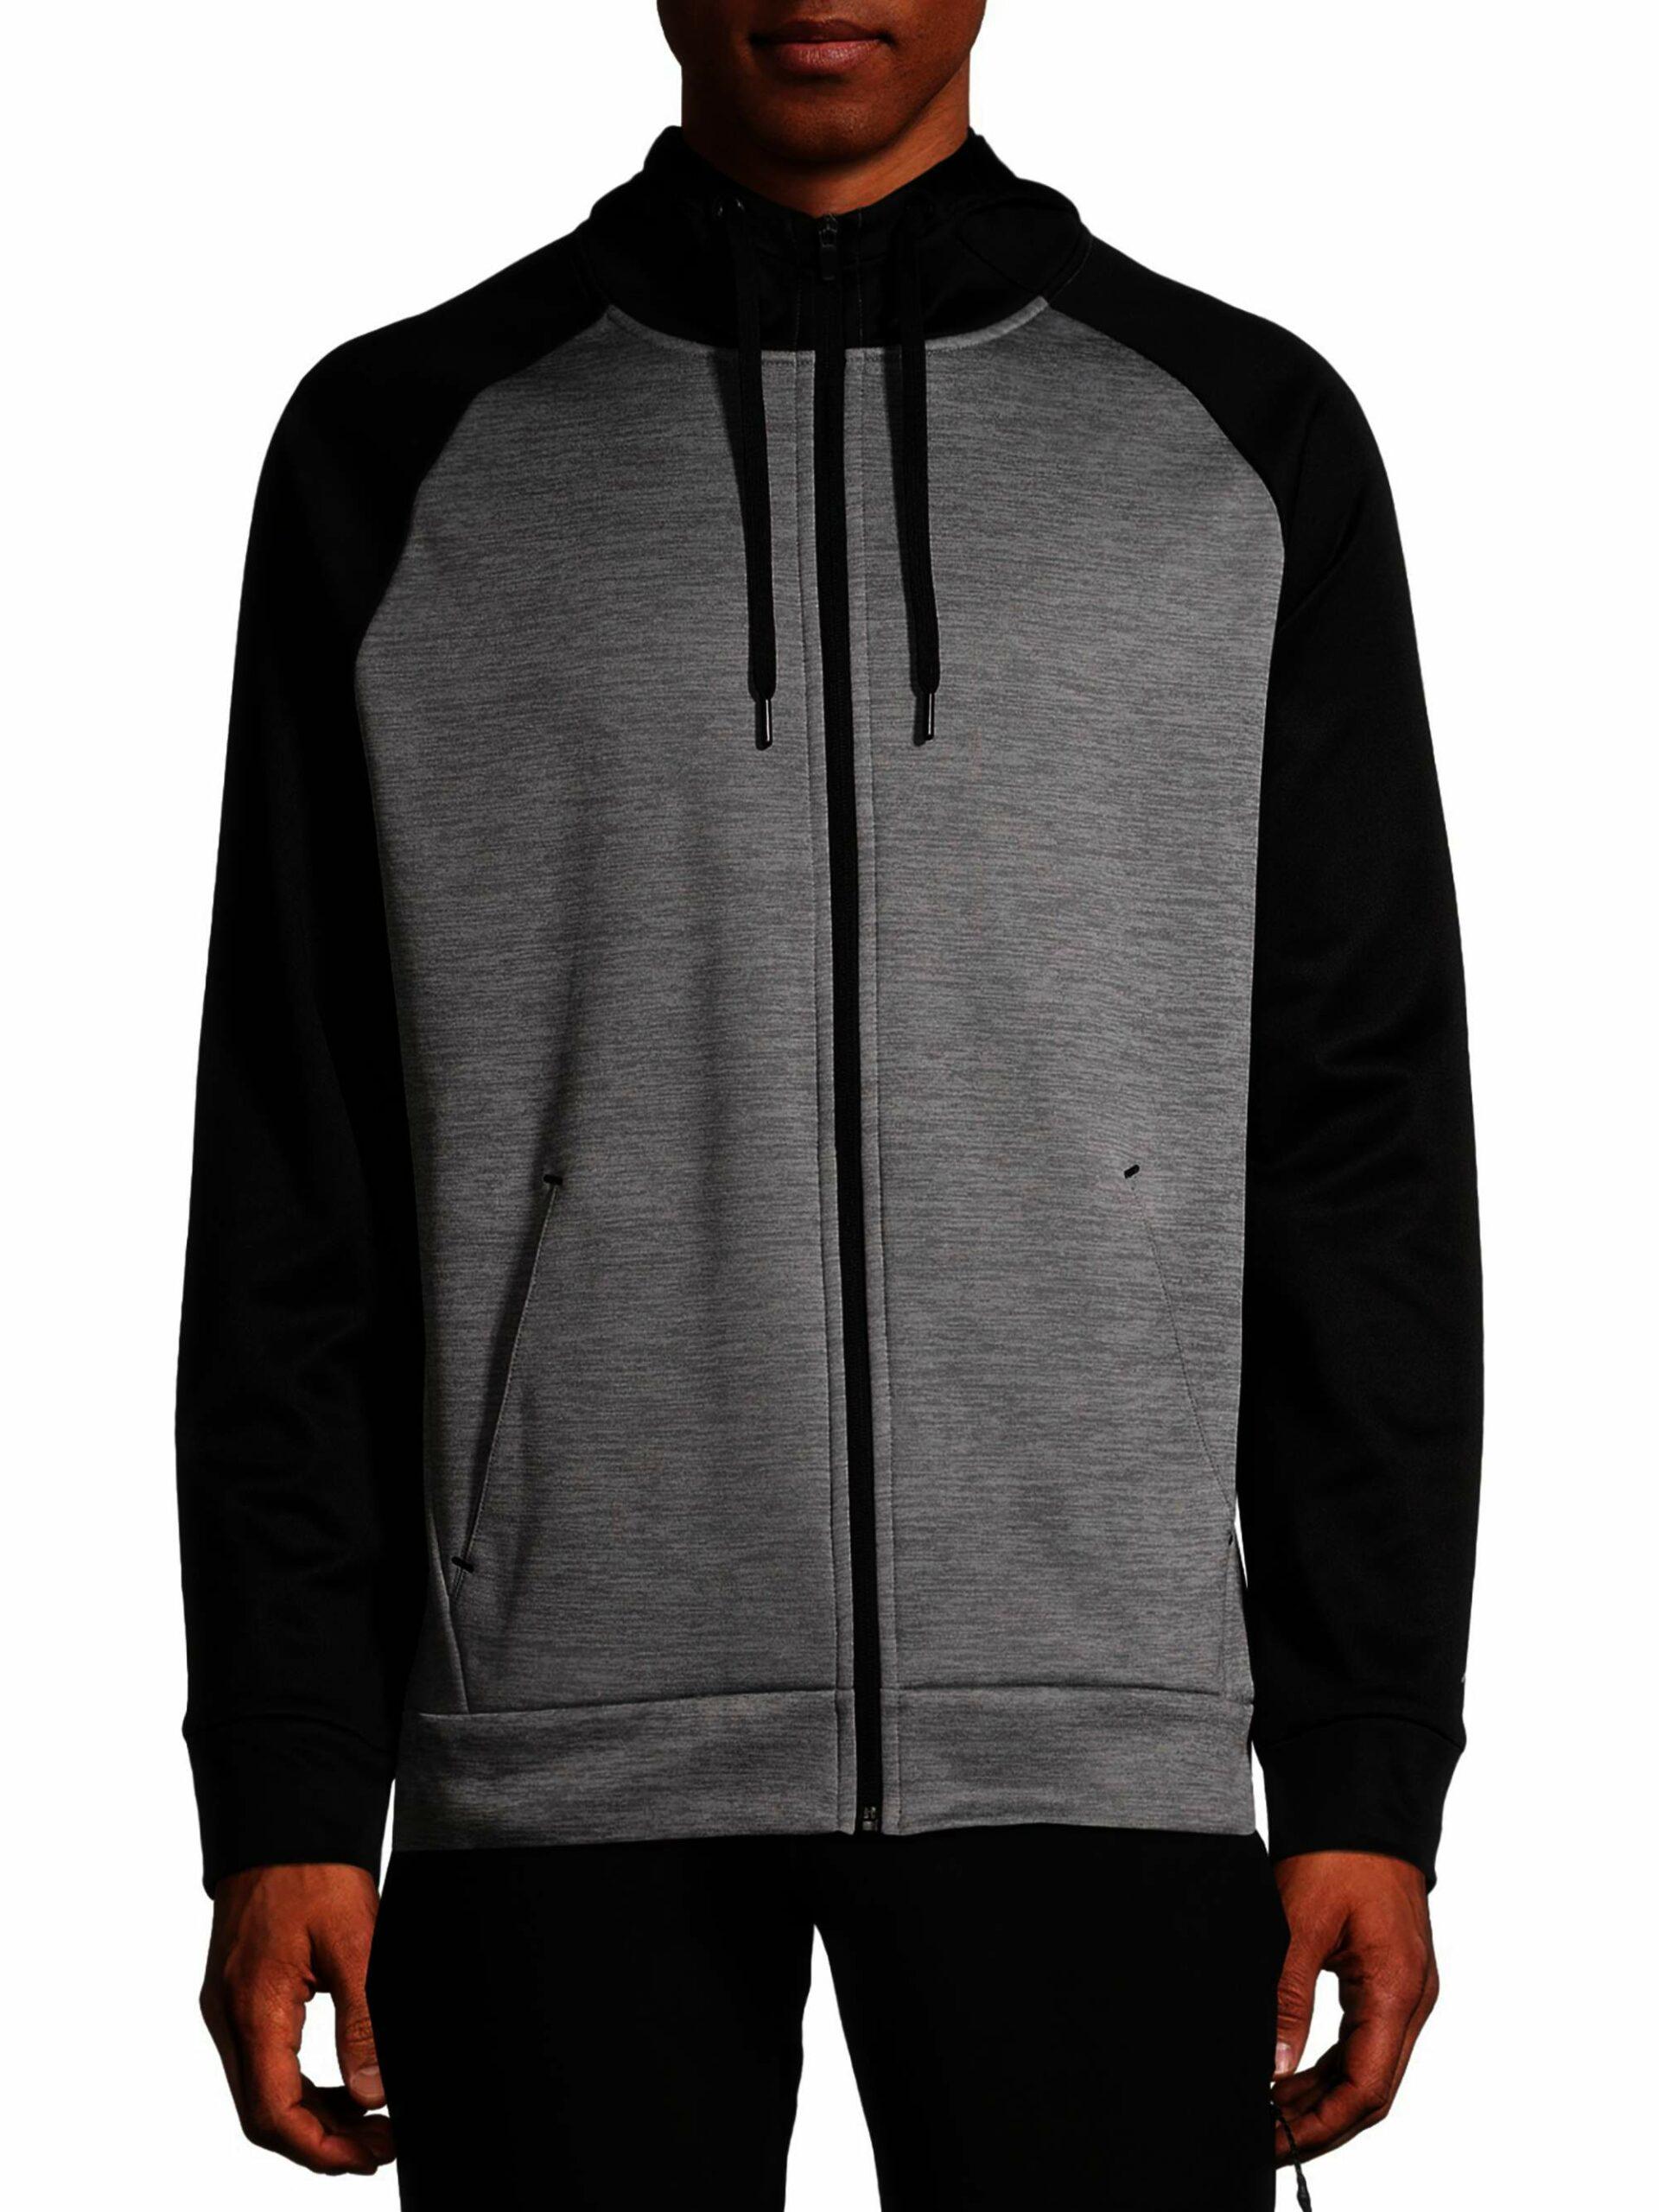 Russell Men's and Big Men's Active Tech Fleece Hoodie Full Zip Jacket, Rich Black/Medium Grey Heather Size XL/XG 46-48